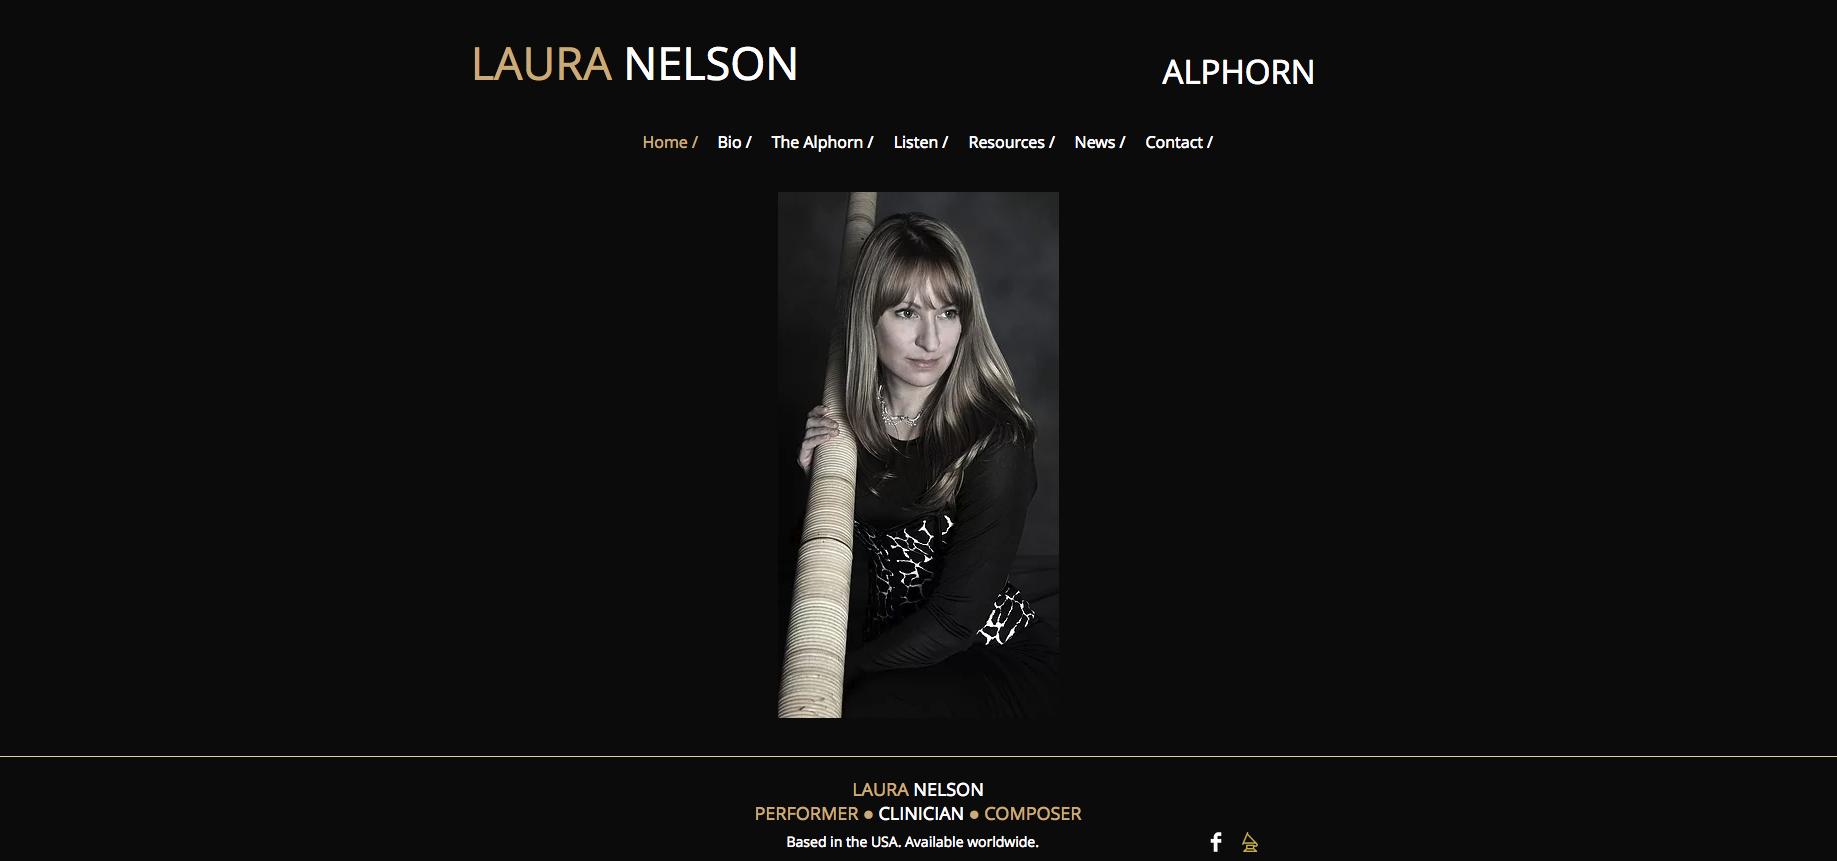 Laura Nelson Alphorn